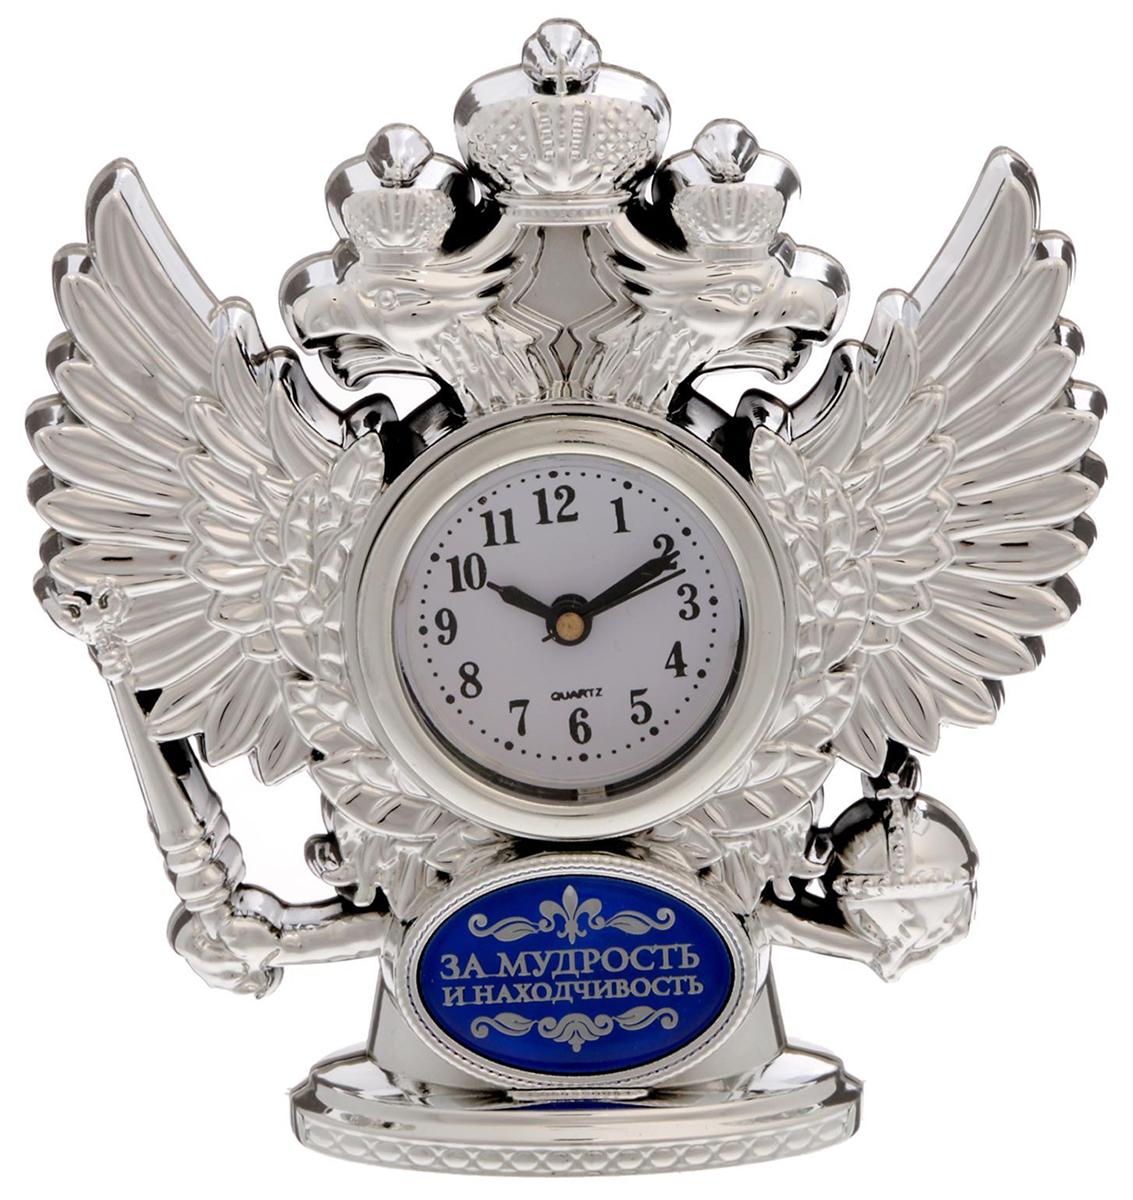 Часы настольные За мудрость и находчивость, 11 х 12 см. 16929161692916Изделие созданоы для истинных патриотов с твёрдым характером. Двуглавый орёл, словно стоит на страже вашего времени, обрамляя циферблат и придавая предмету статусный облик. Изделие прекрасно дополнит письменный стол или стеллаж в кабинете, ведь это не просто часы, но и стильная статуэтка. На обратной стороне вы найдёте мотивирующую на покорение всего мира надпись! Инструкция Аккуратно достаньте механизм с циферблатом из корпуса. Установите время с помощью колёсика. Вставьте механизм обратно. Часы работают от батареек AG 13. Сувенир преподносится в подарочной коробочке с прозрачным окном.